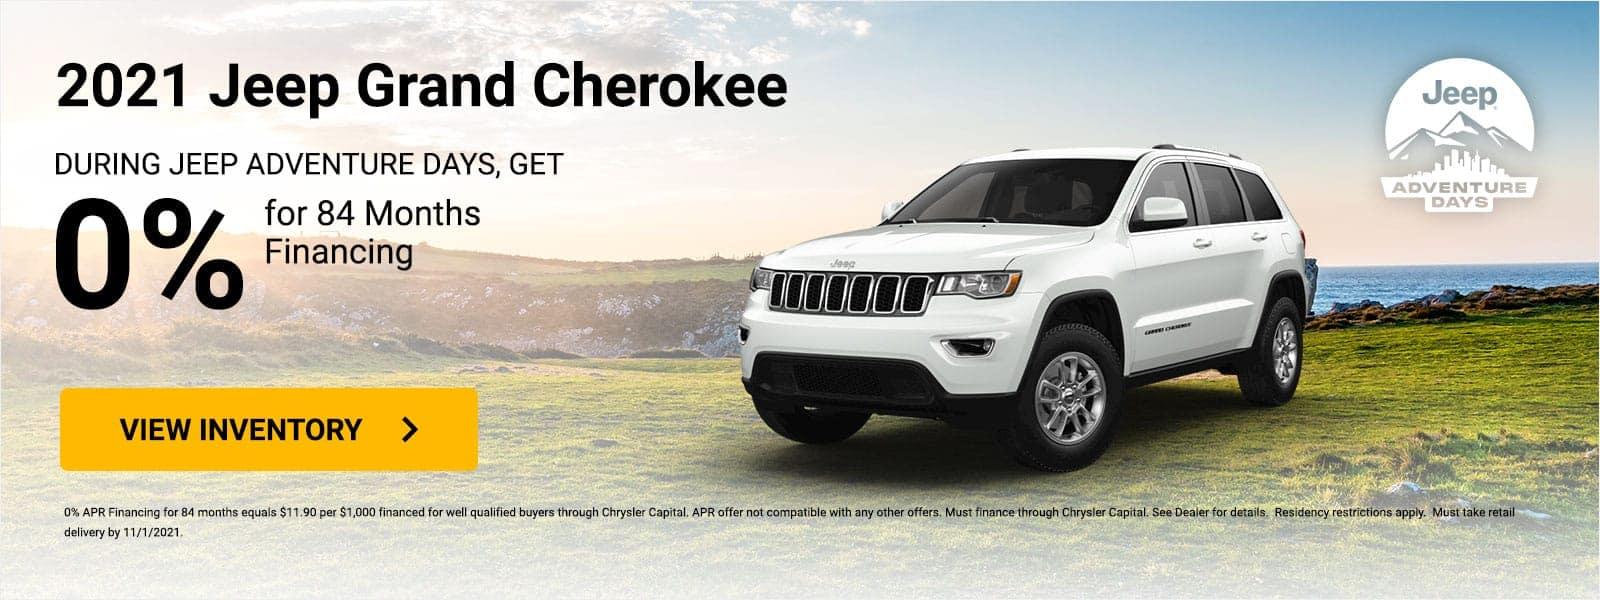 1600x600_2021-10_21_grand_cherokee